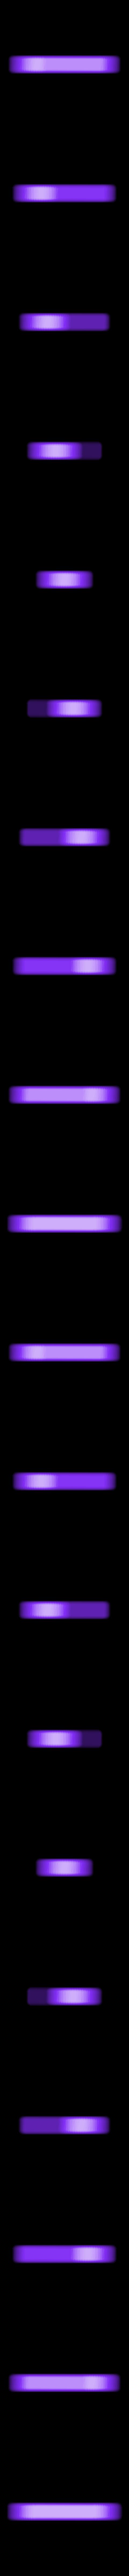 Knight_Nock.STL Télécharger fichier STL gratuit Échecs démoctratiques • Modèle à imprimer en 3D, Ghashnarb